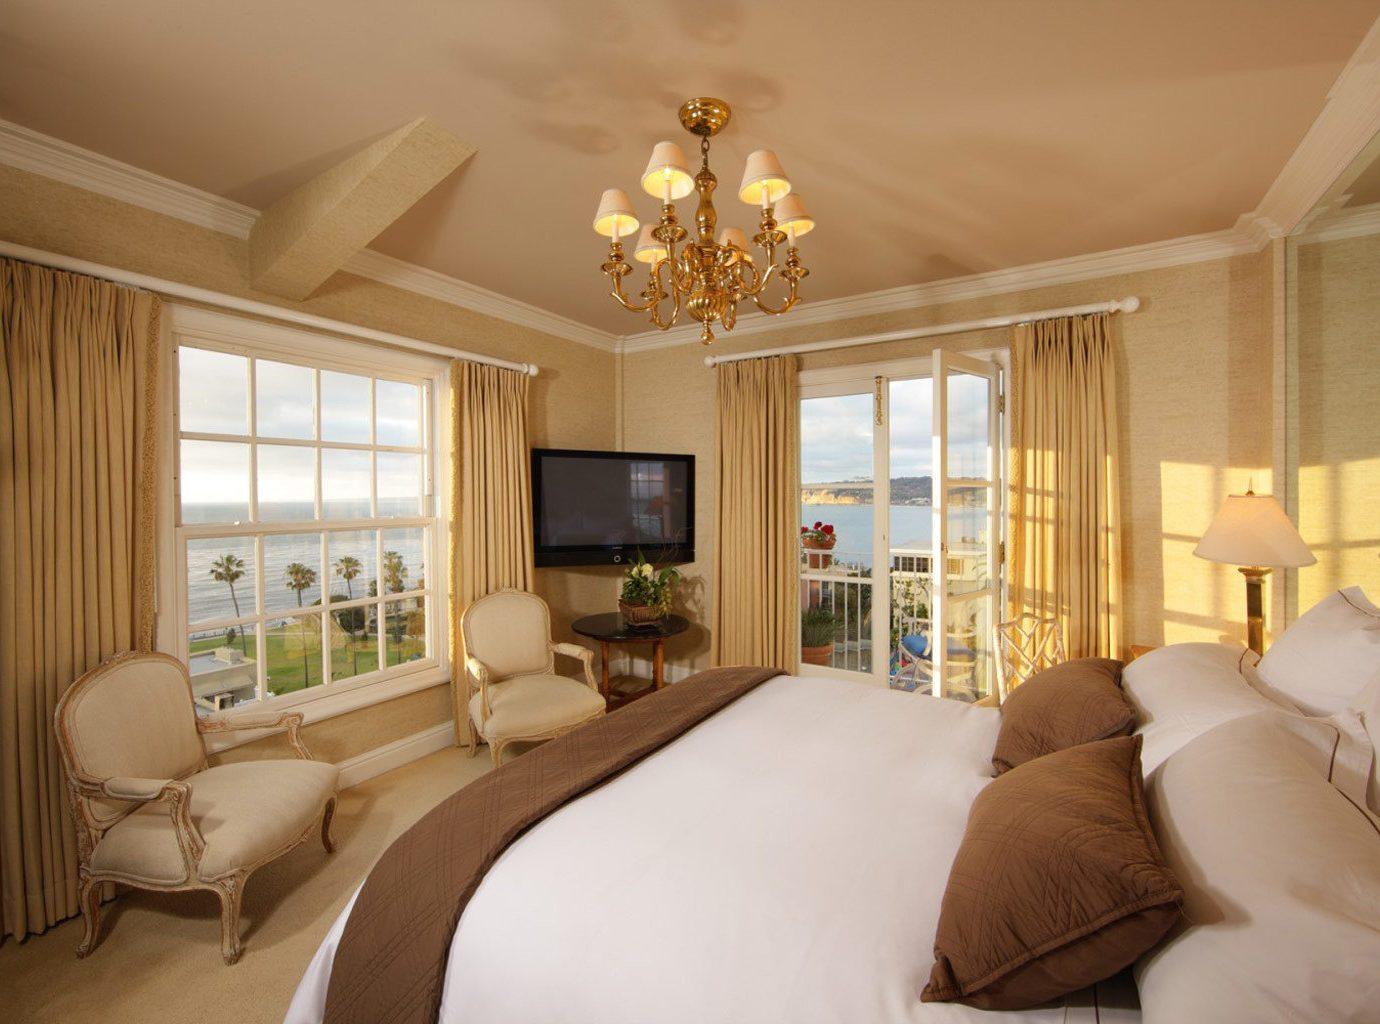 Bedroom At La Valencia Hotel In San Diego, Ca